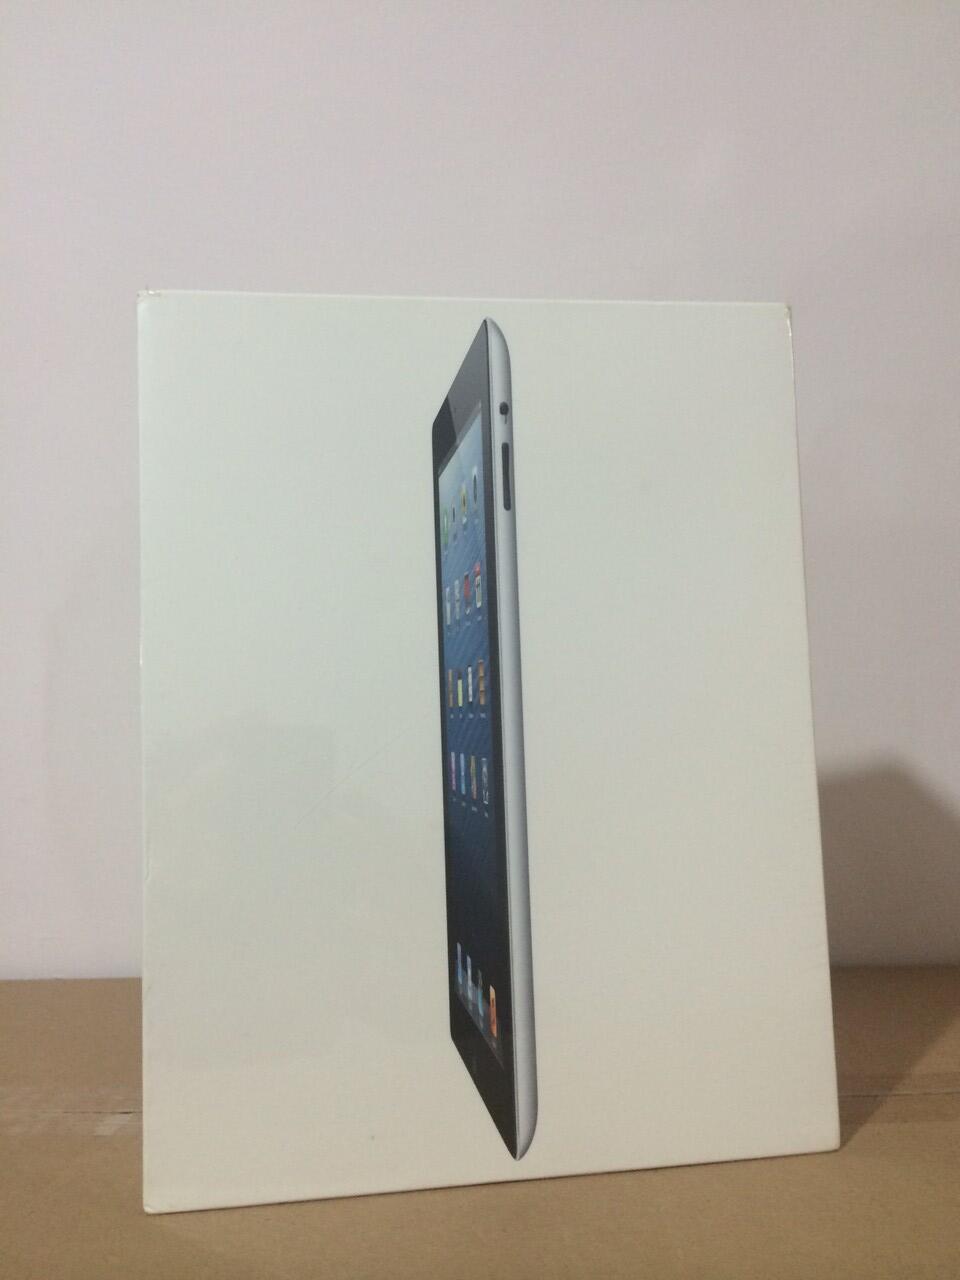 Dijual Ipad 4 BARU - 16GB Wi-Fi + Cellular